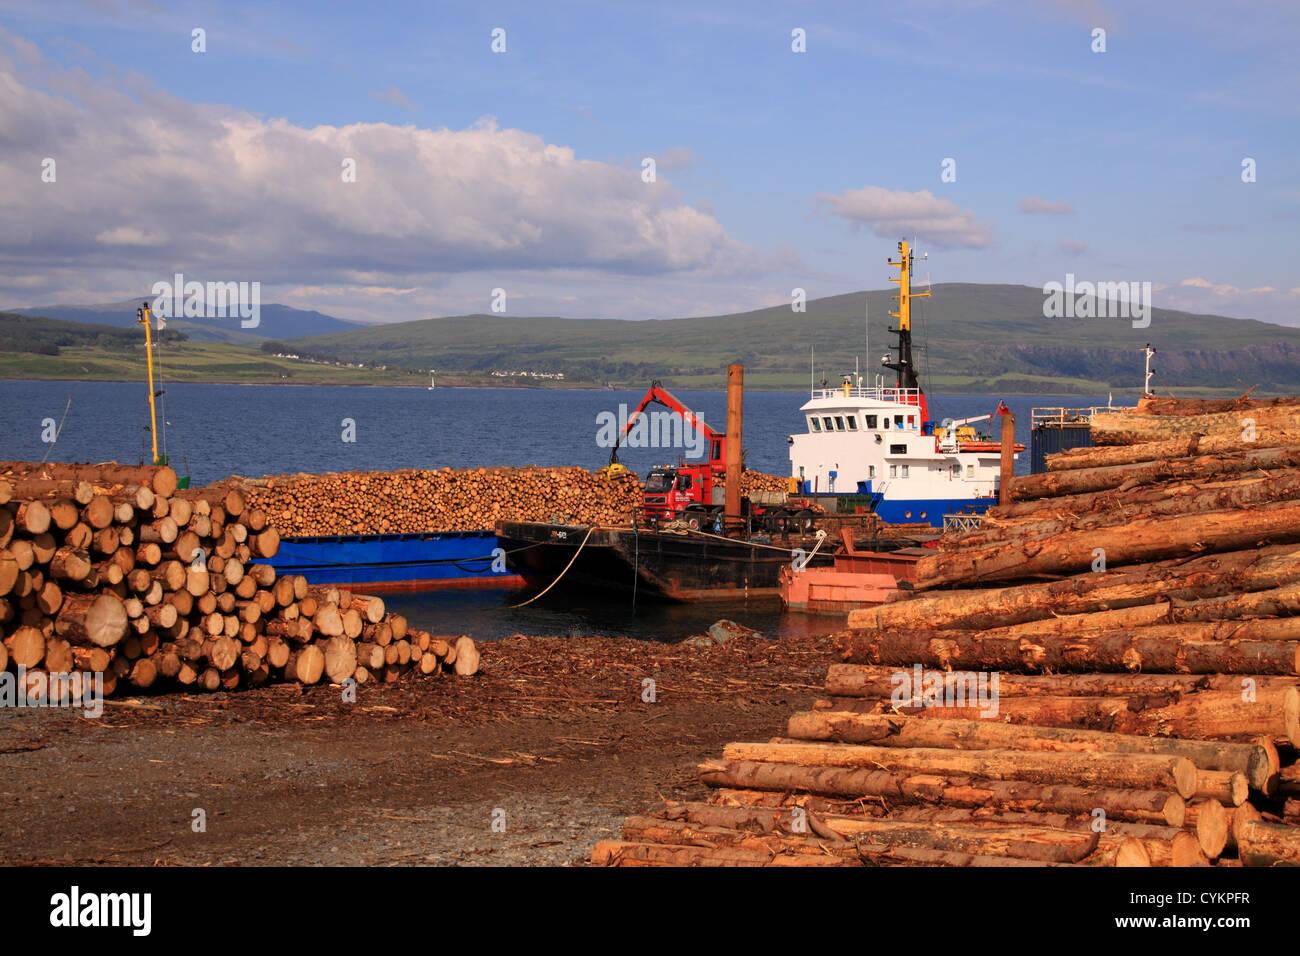 UK Scotland Isle of Mull loading timber onto ship - Stock Image